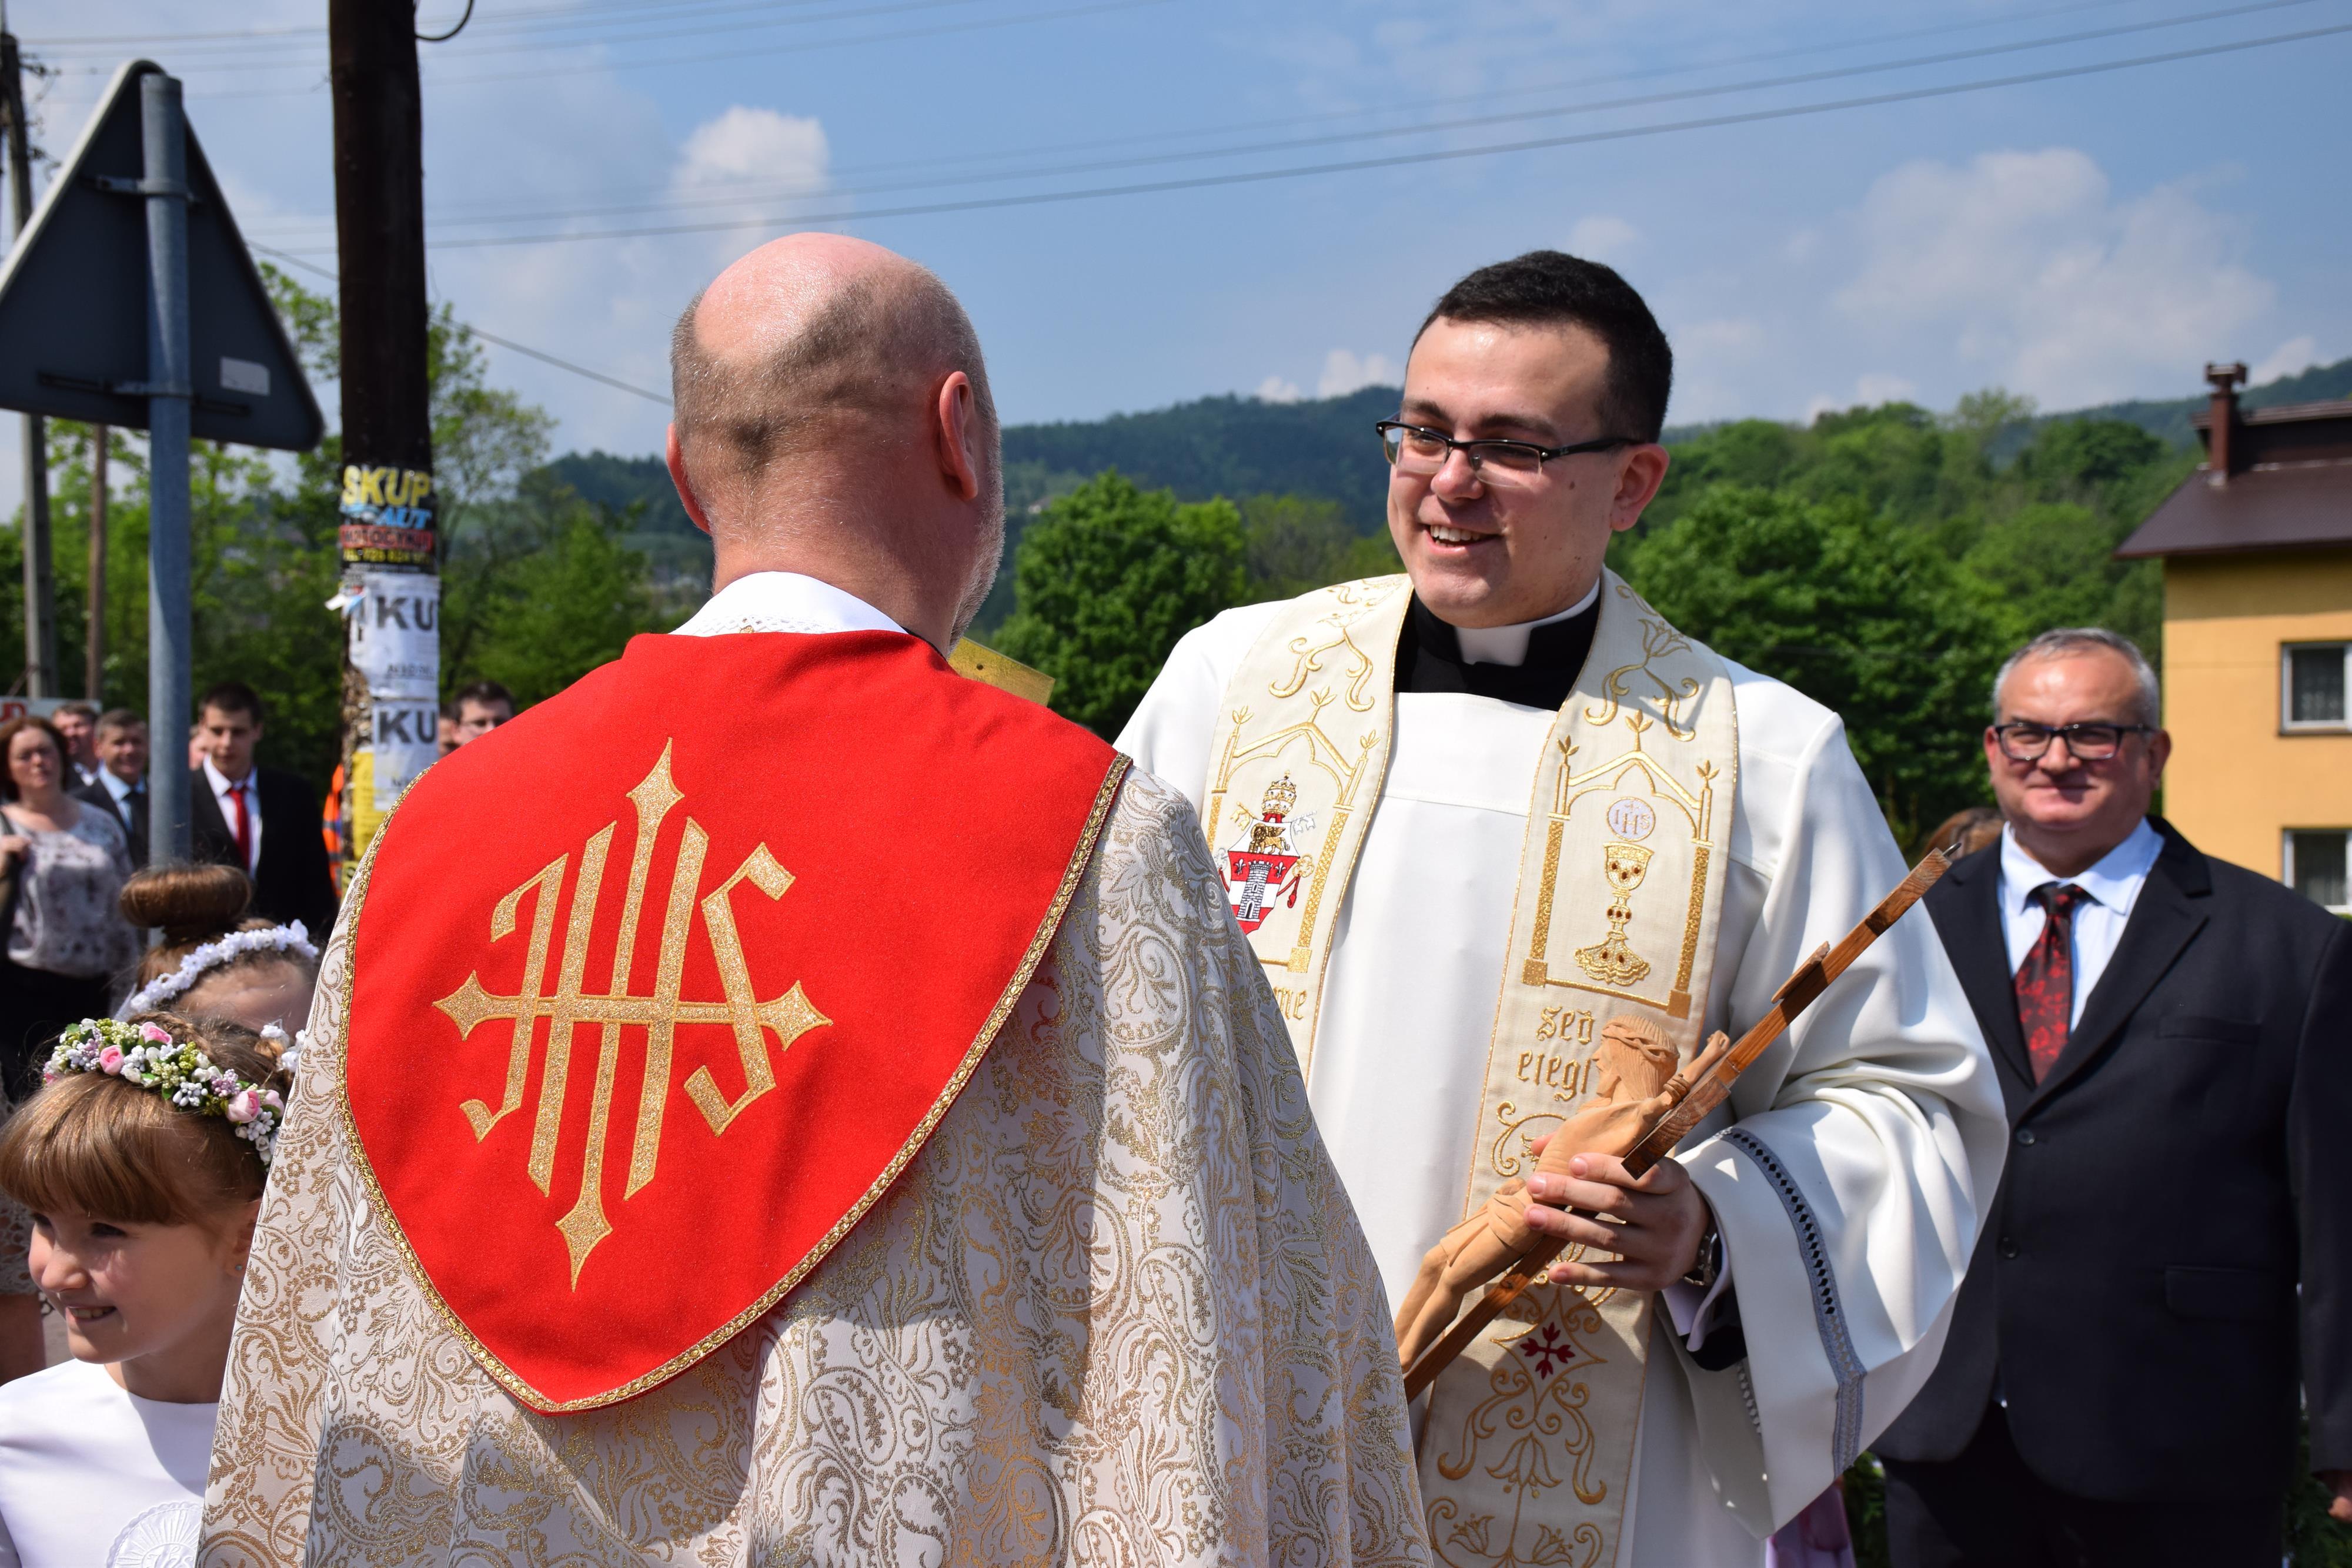 Wielkie święto Targanic. Mają nowego księdza! [FOTO]